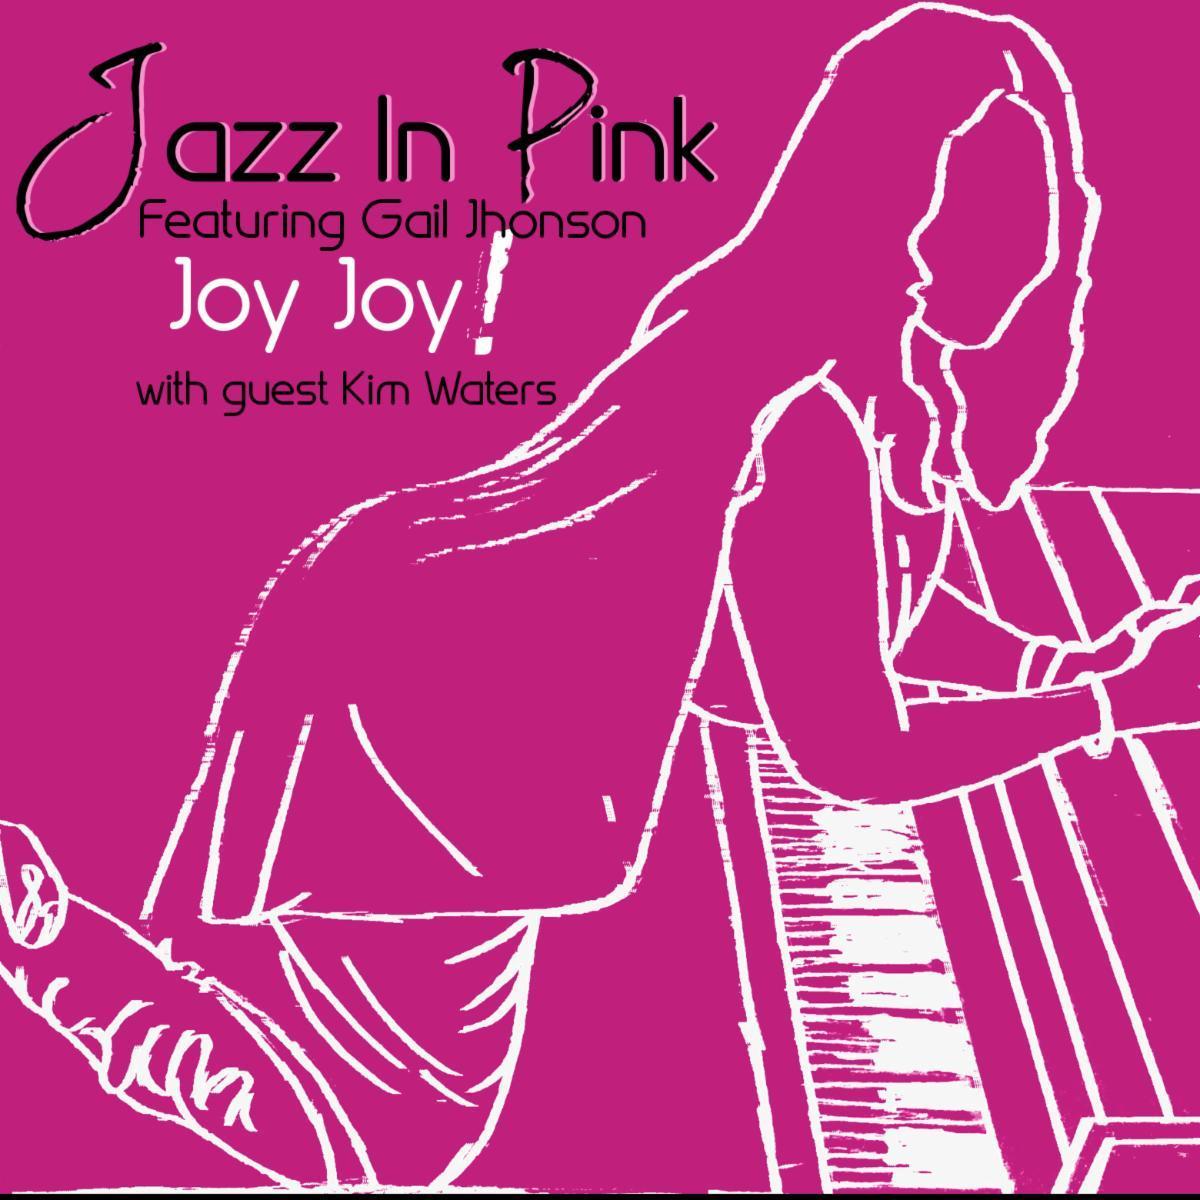 Listen to Jazz In Pink Featuring Gail Jhonson 'Joy Joy!'